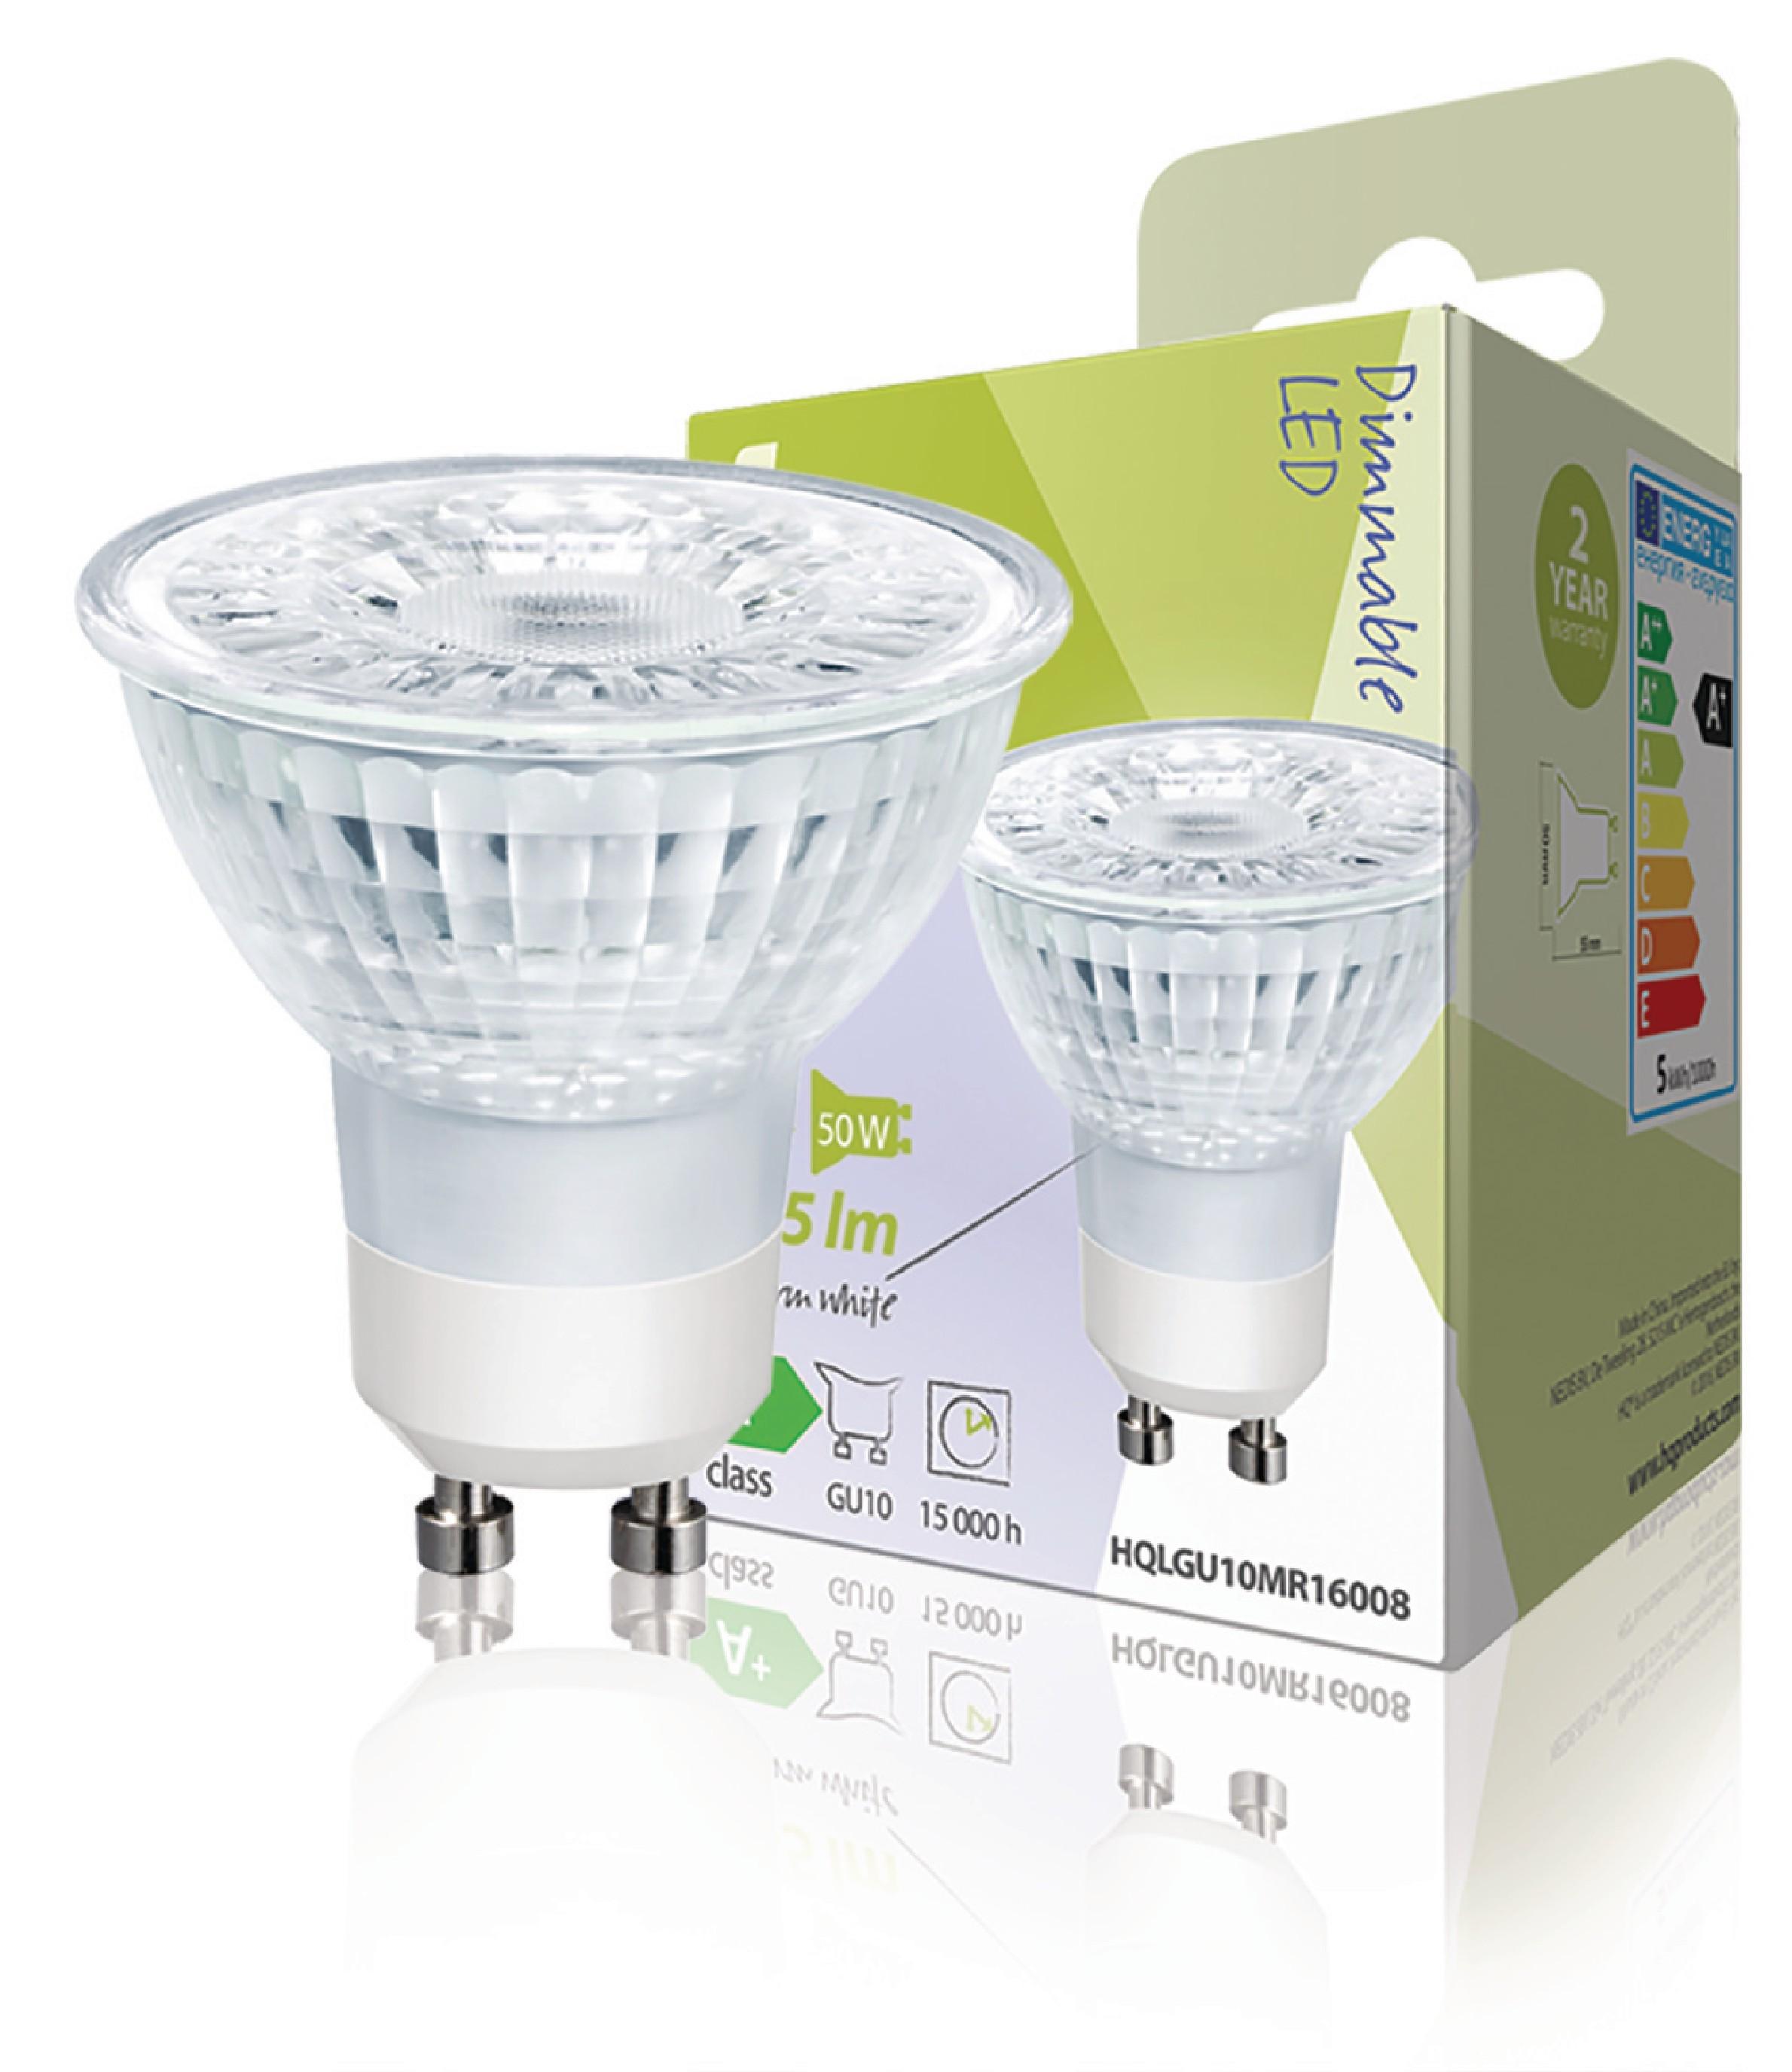 HQ LED žárovka PAR16 GU10 5W 345lm 2700K (HQLGU10MR16007)